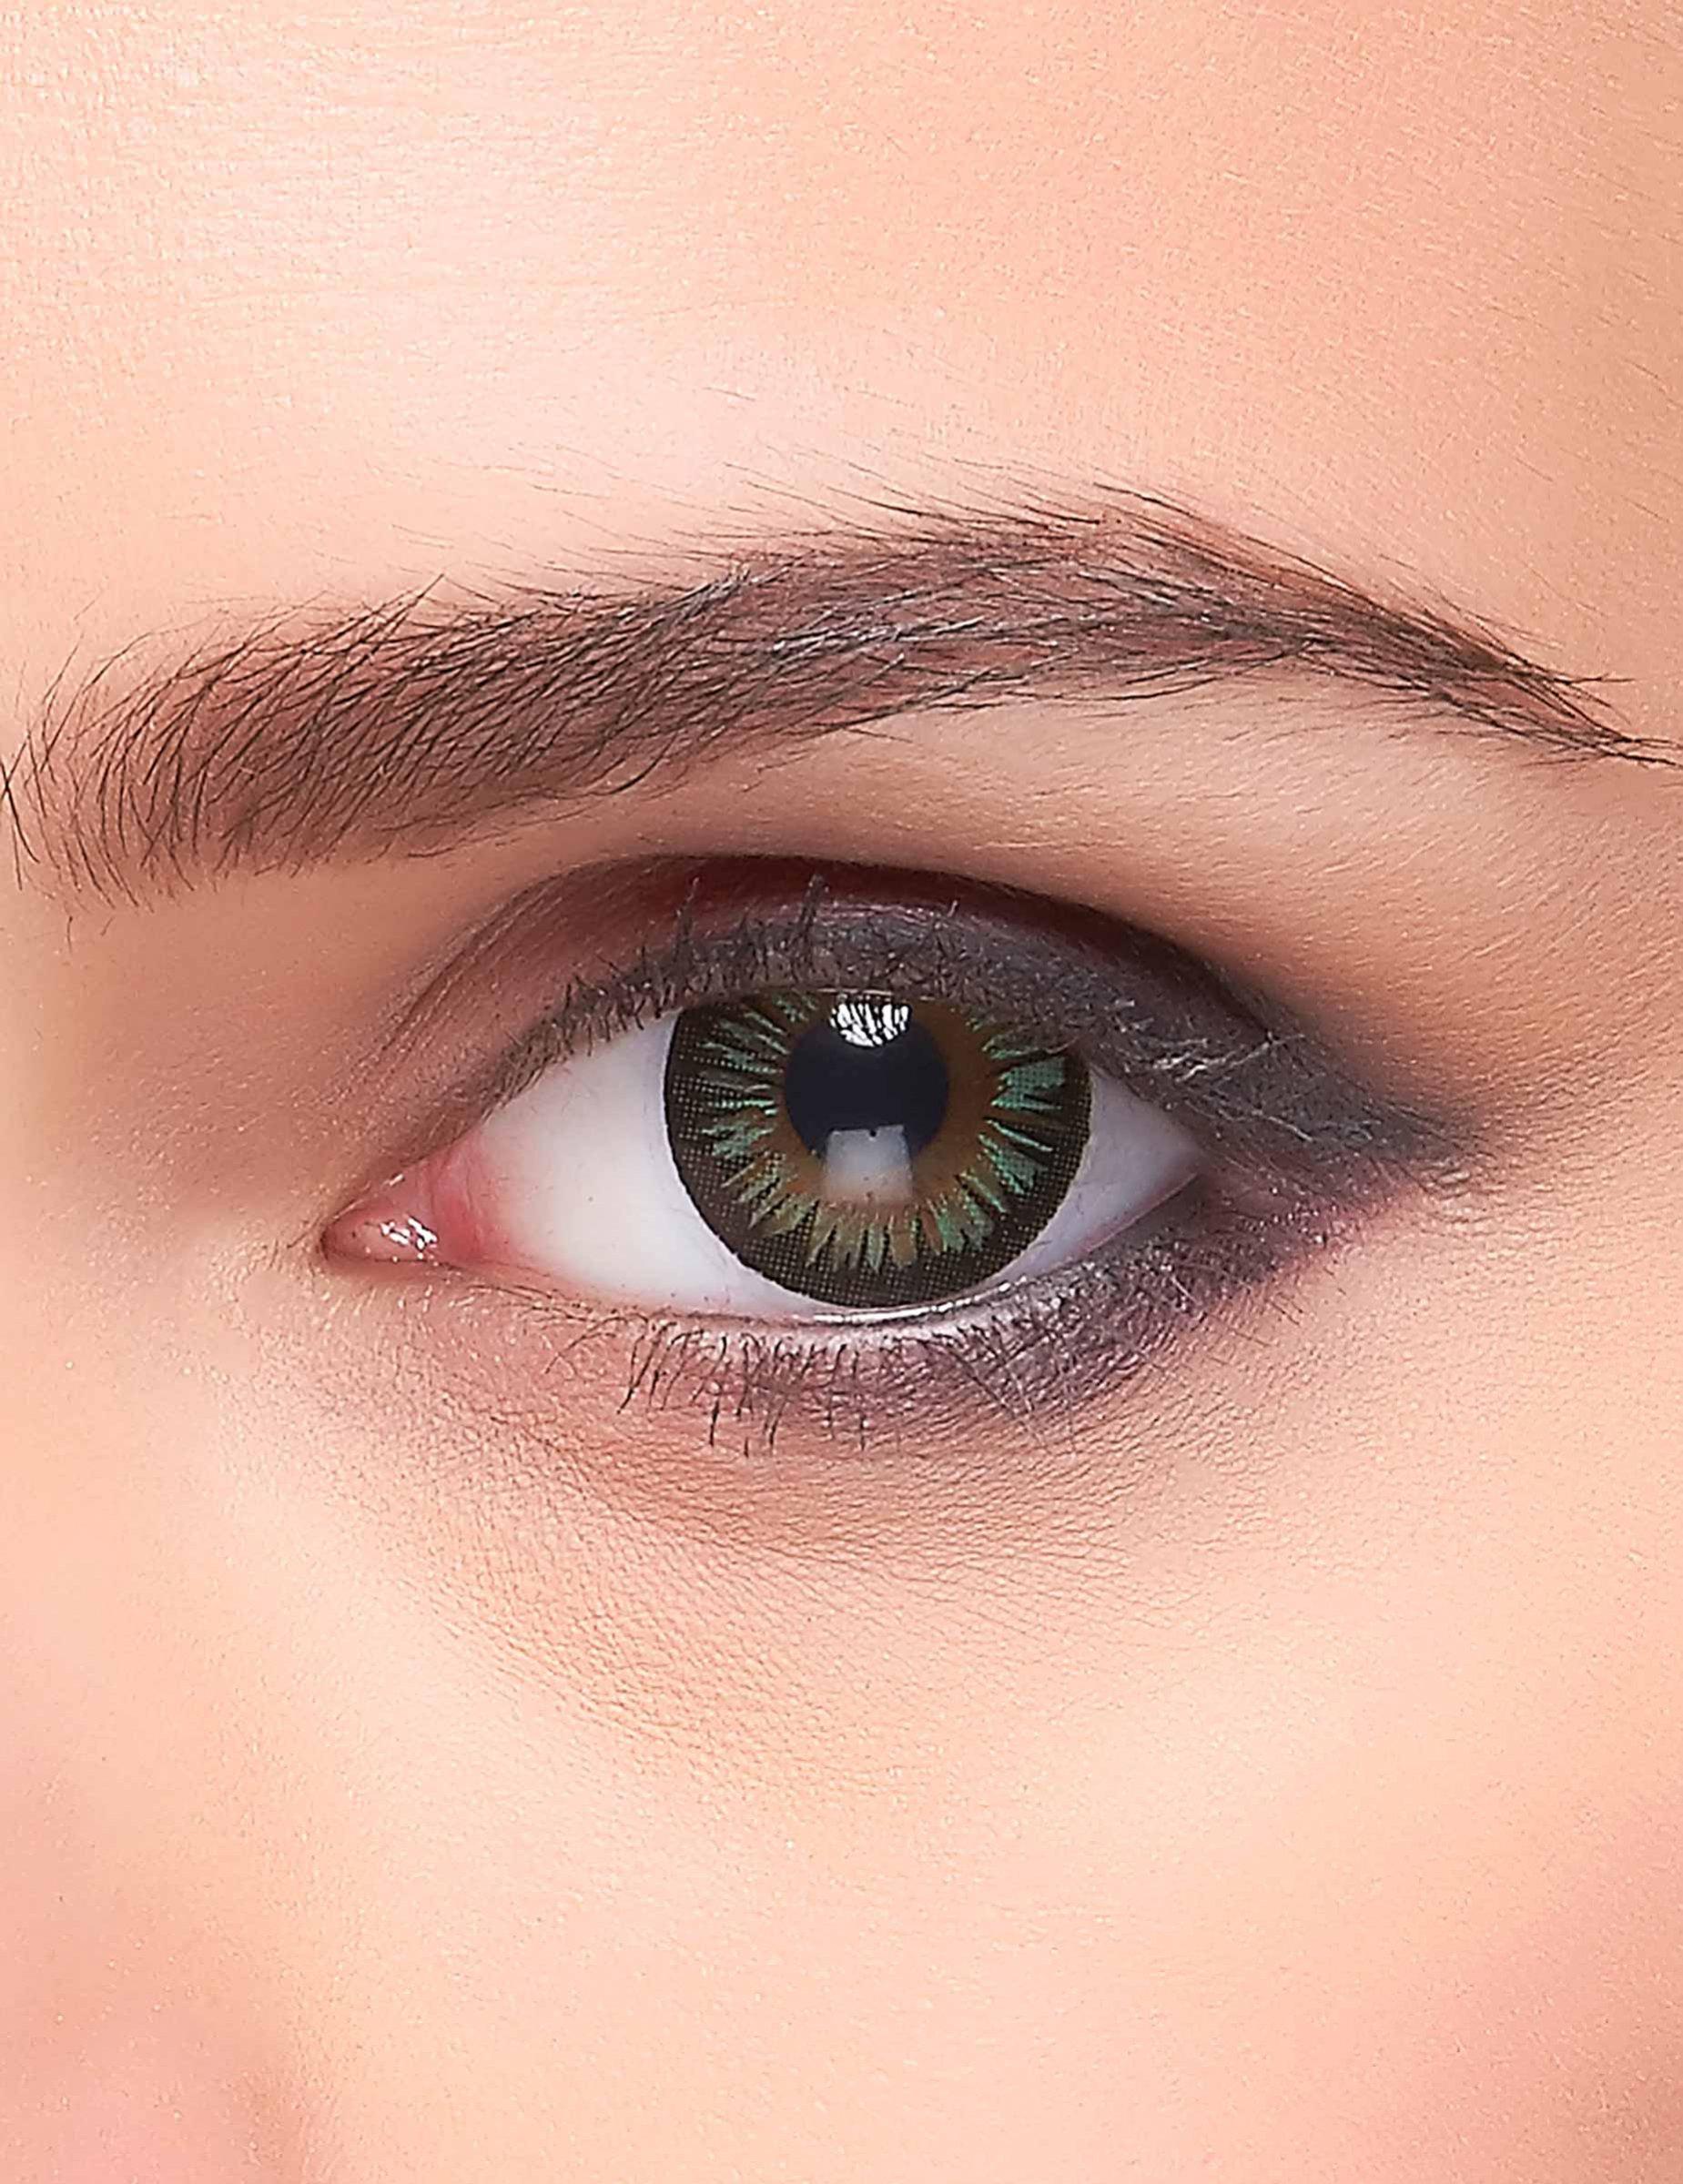 kontaktlinsen gr ne farbt ne erwachsene schminke und. Black Bedroom Furniture Sets. Home Design Ideas